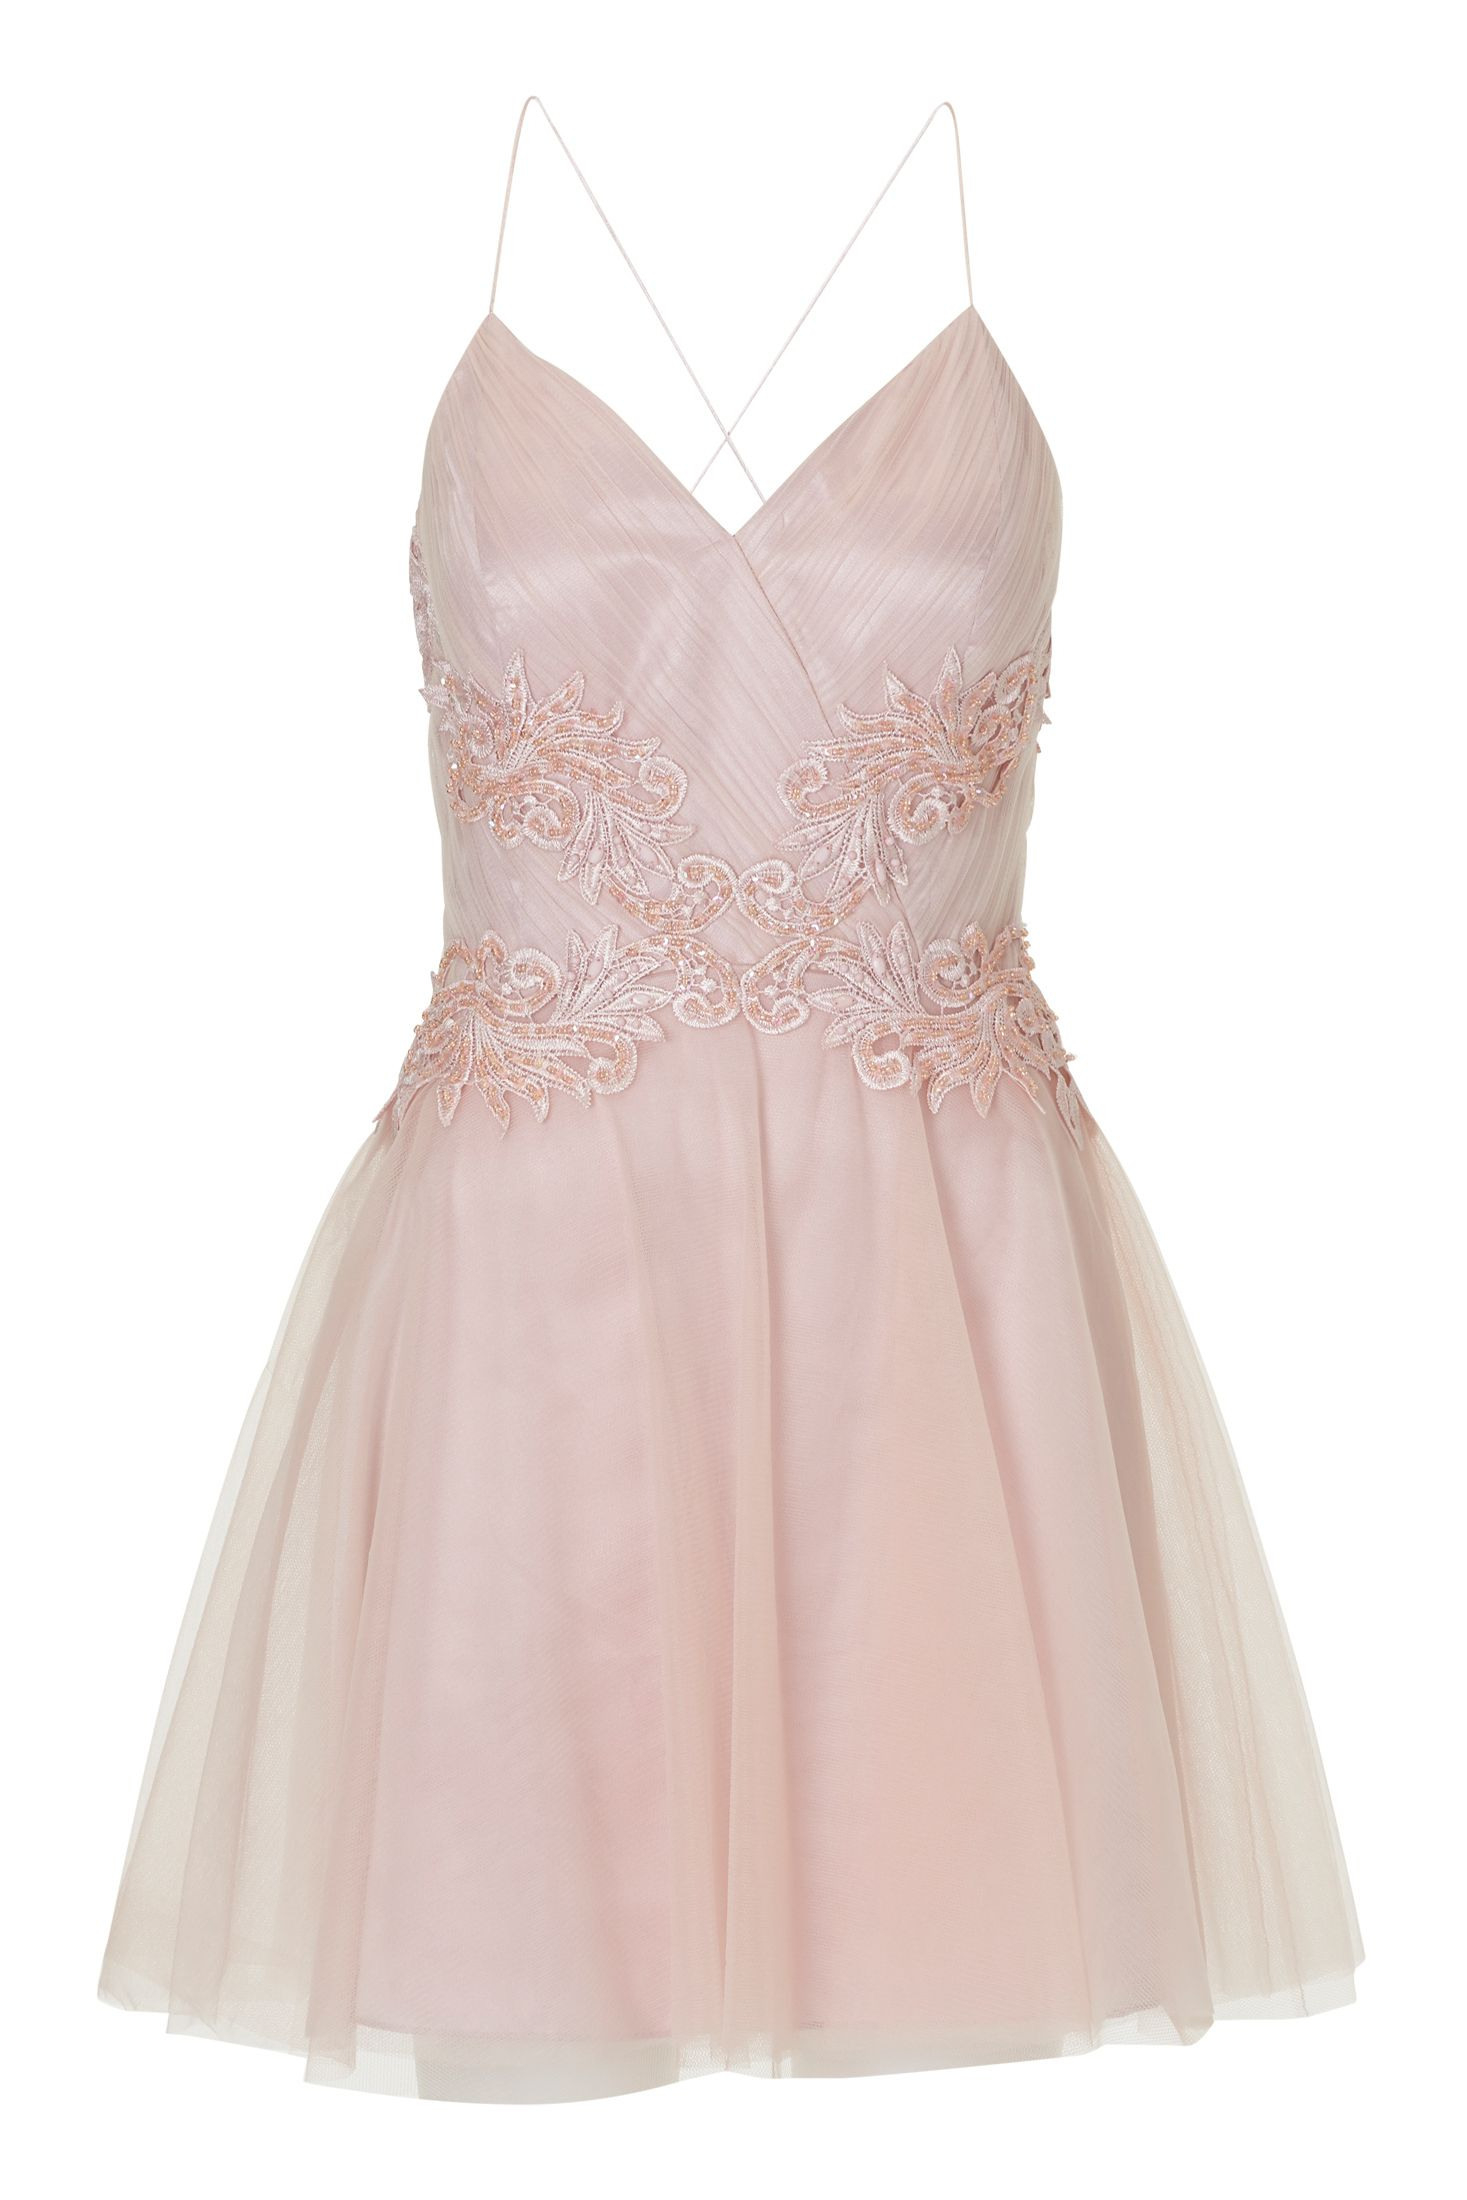 Luxurius Vera Mont Abendkleid Rosa Vertrieb13 Luxurius Vera Mont Abendkleid Rosa Boutique